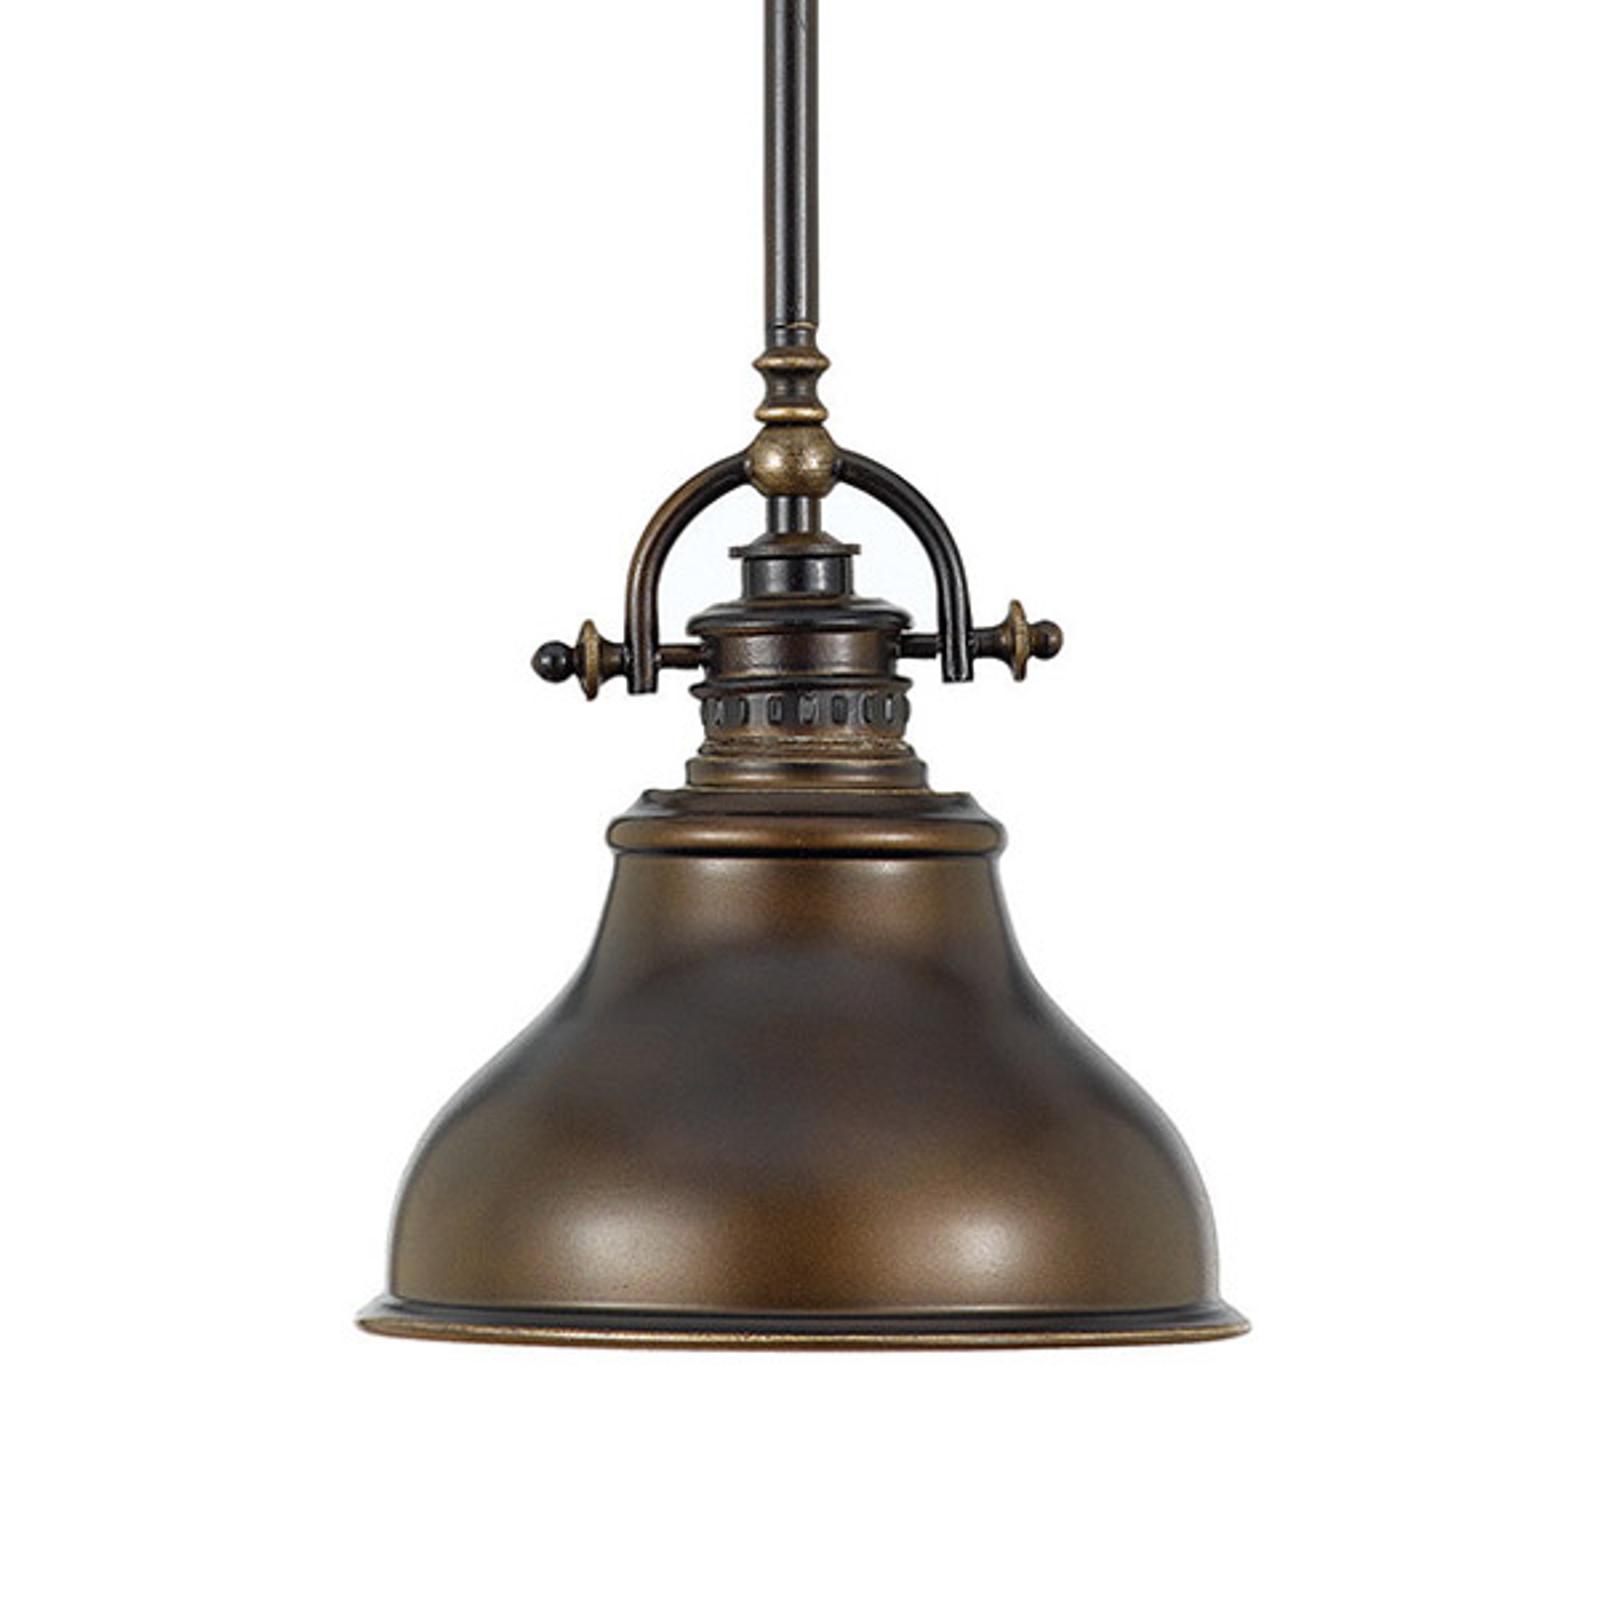 Lampa wisząca Emery industrialna brąz Ø 20,3 cm